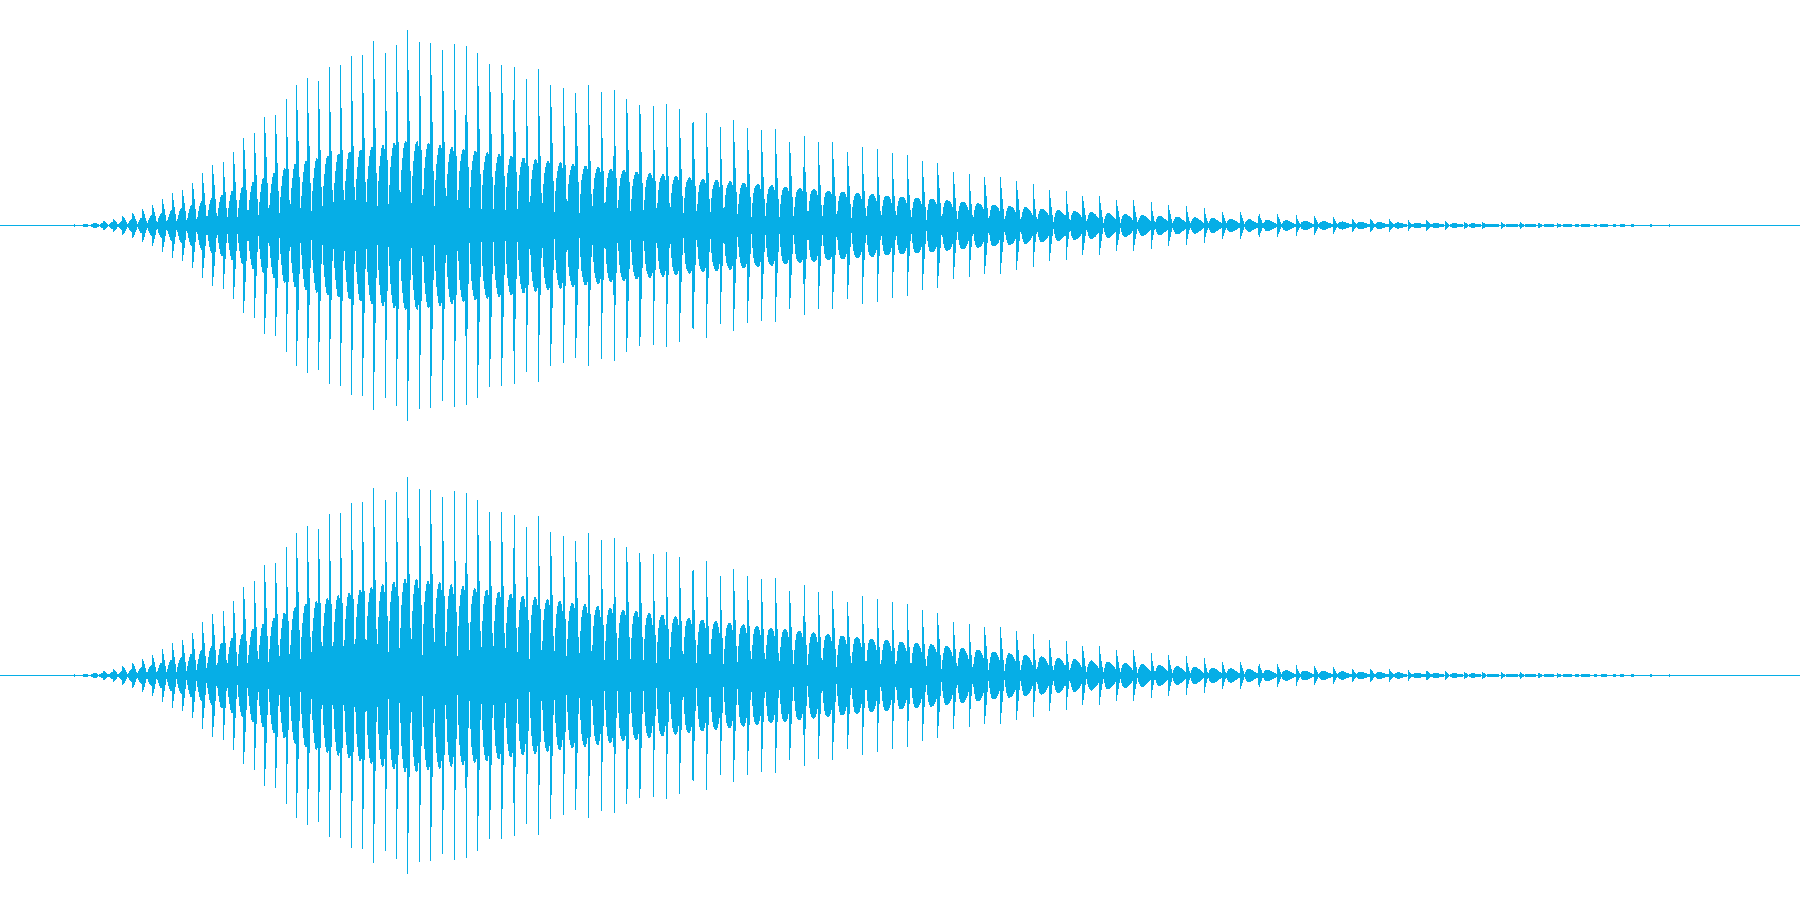 パソコン/キャンセル音/ヒュン↓の再生済みの波形